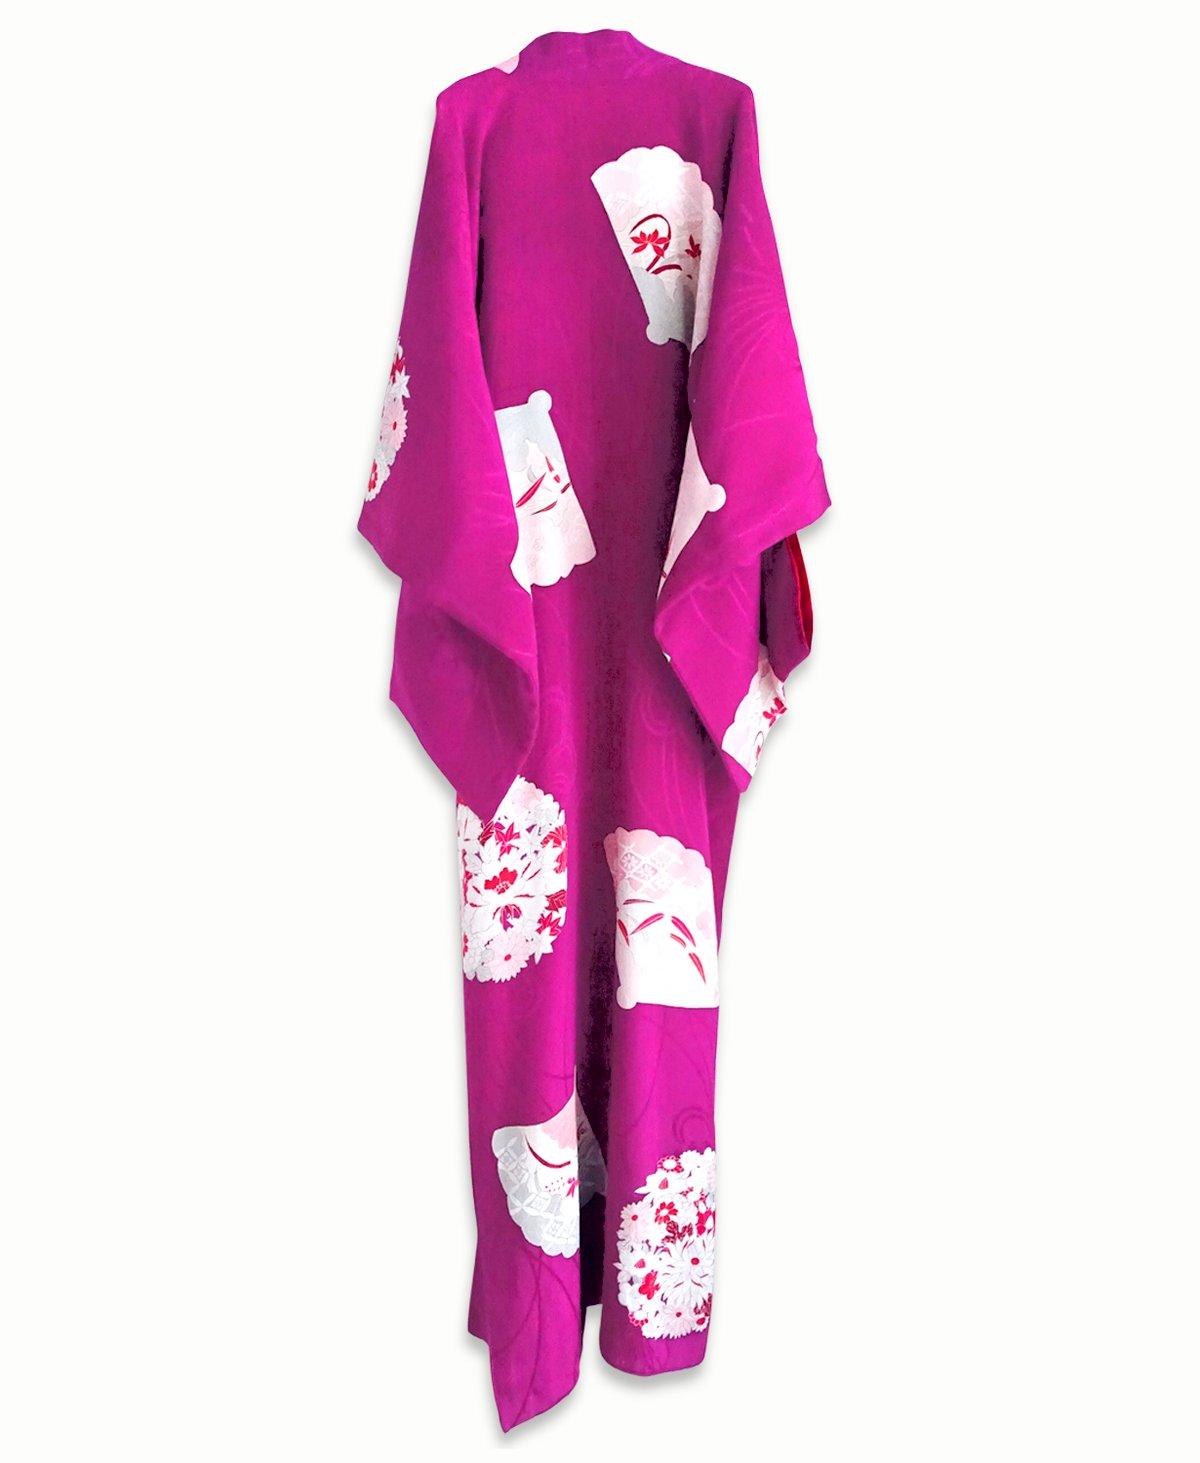 Image of Silkekimono - lillapink med blomster-rosetter